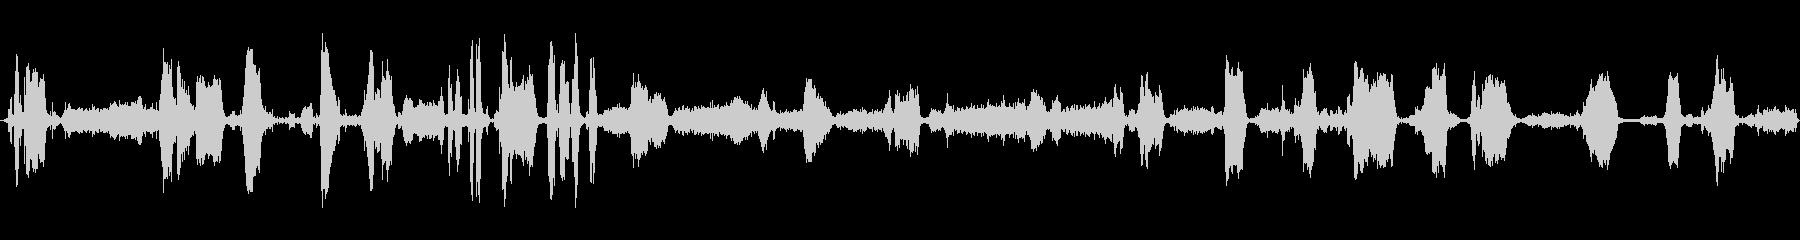 RADIO ACROSS BAND...の未再生の波形